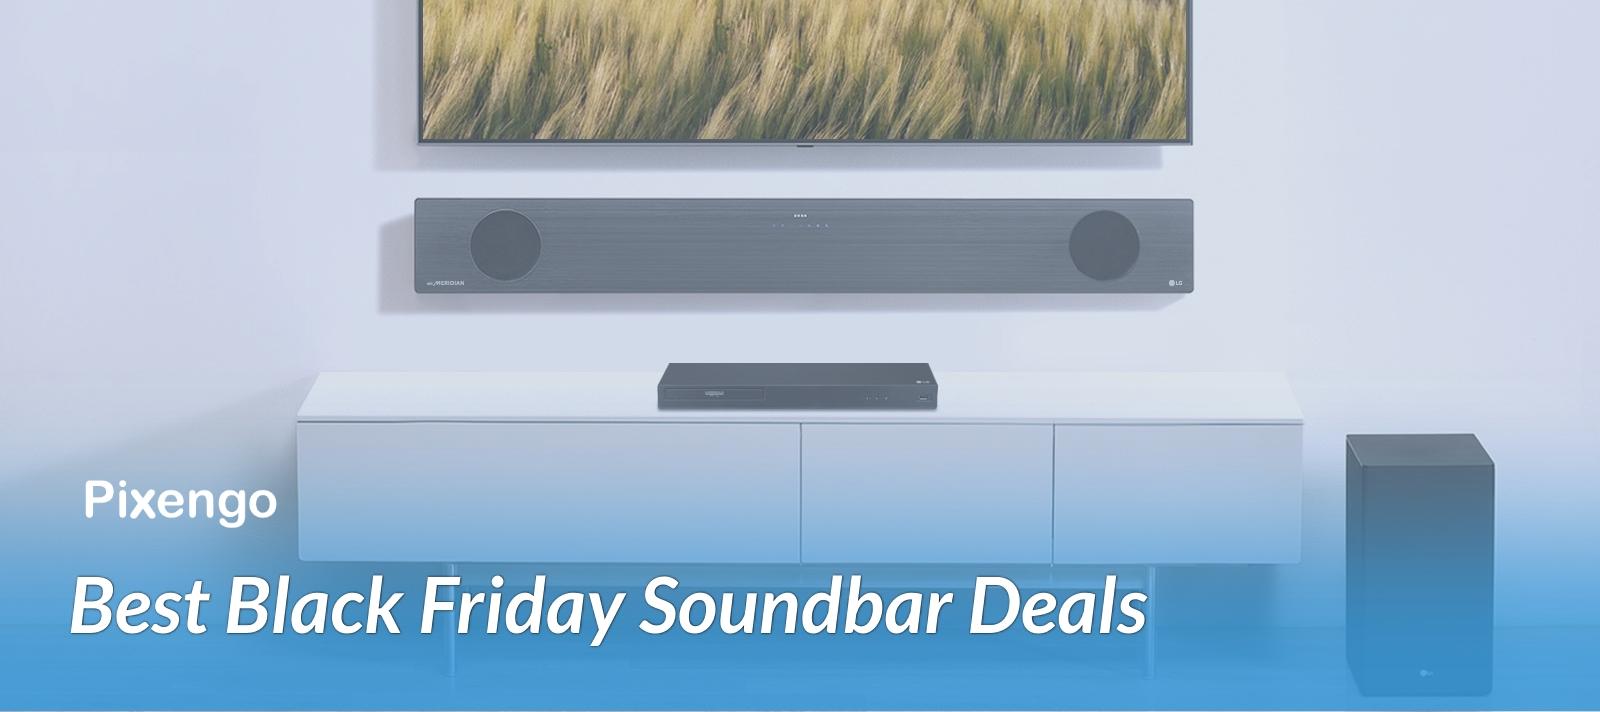 Best Black Friday Soundbar Deals